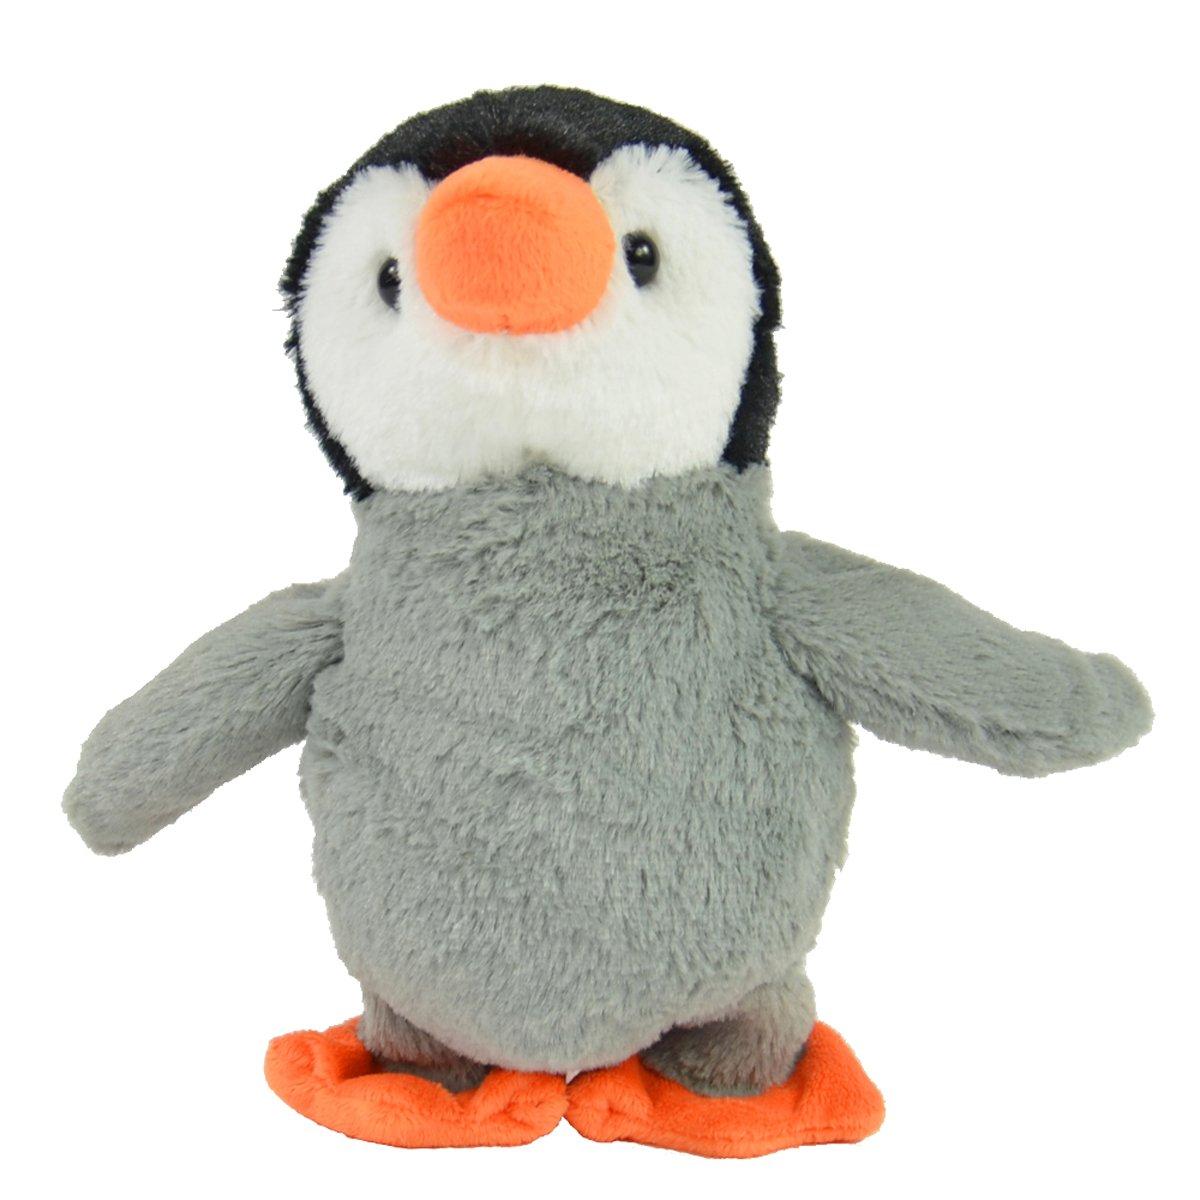 Kögler 75685 - Laber-Pinguin, der alles nachplappert und läuft, Plüsch Plüsch